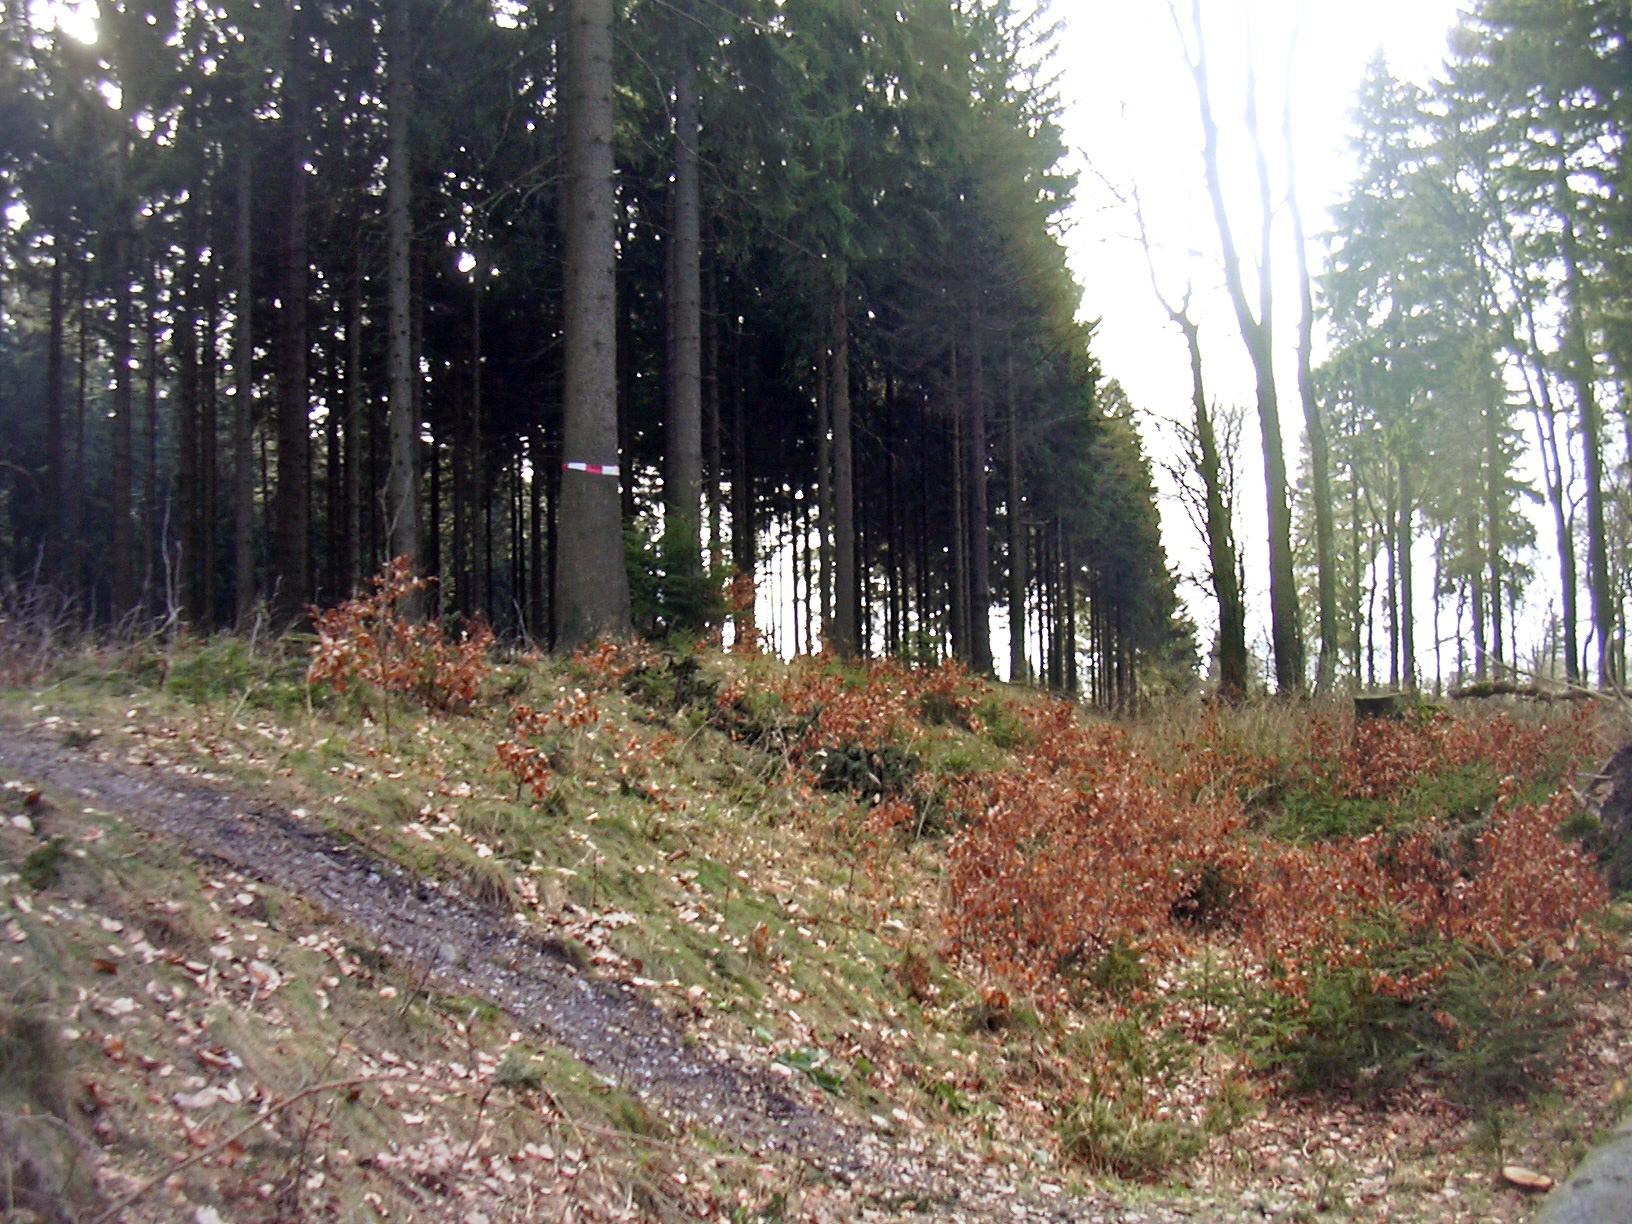 Limes near Großer Feldberg, Taunus/Germany